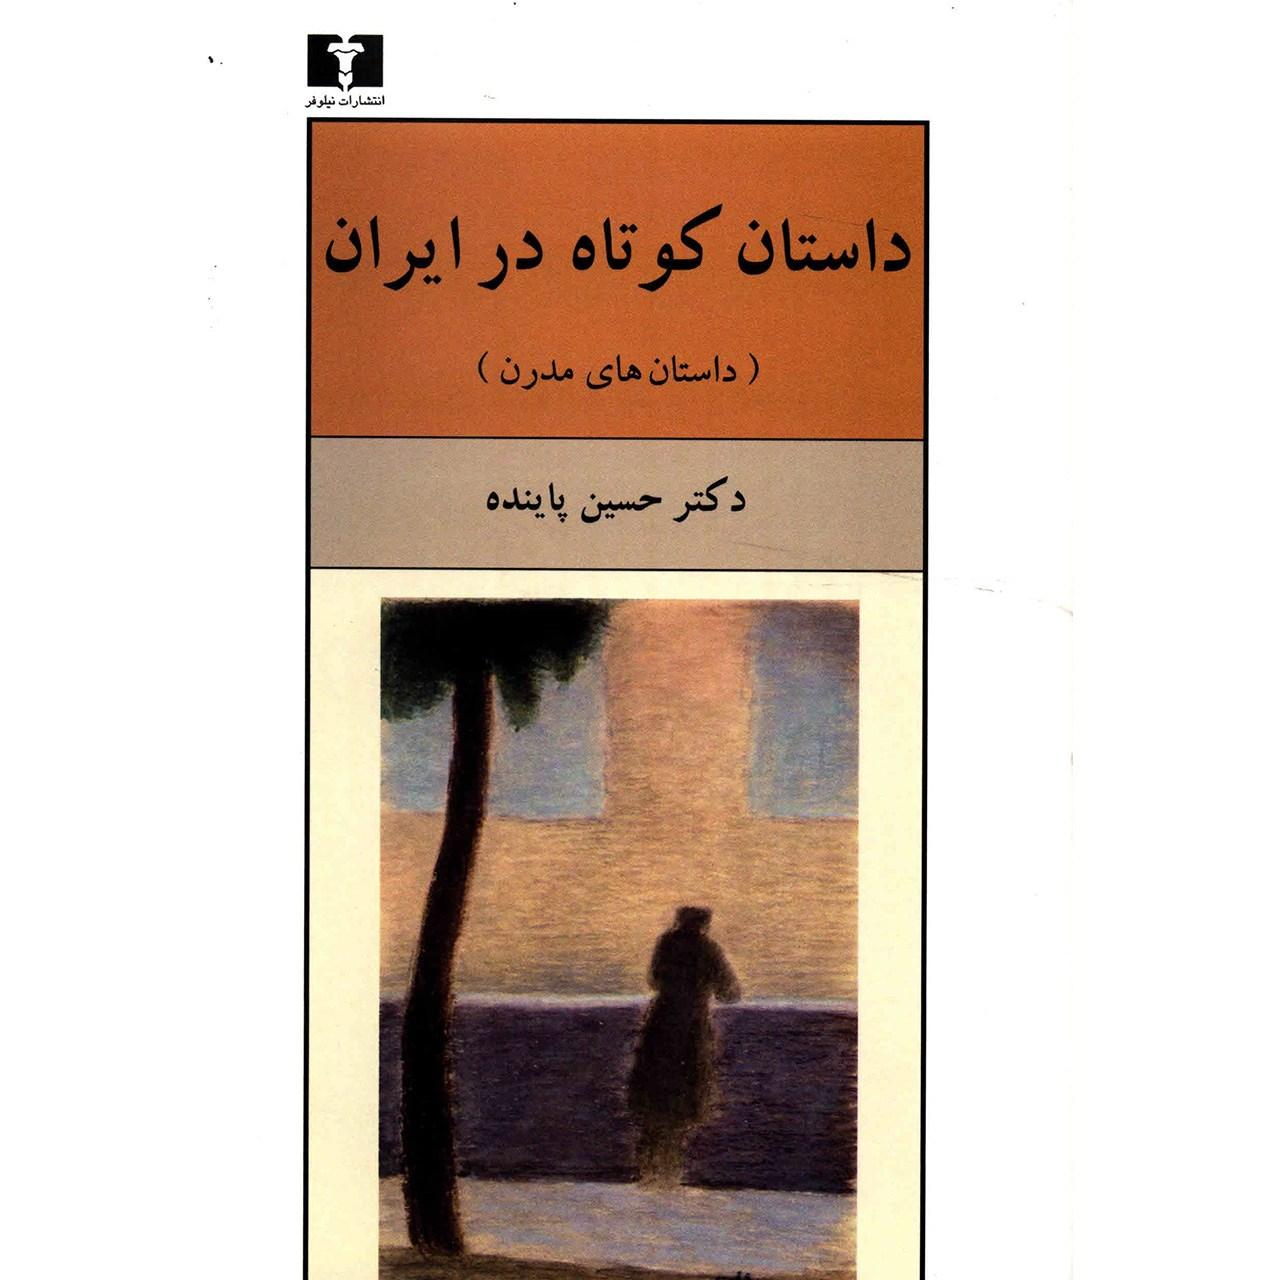 خرید                      کتاب داستان کوتاه در ایران، داستان های مدرن اثر حسین پاینده - جلد دوم